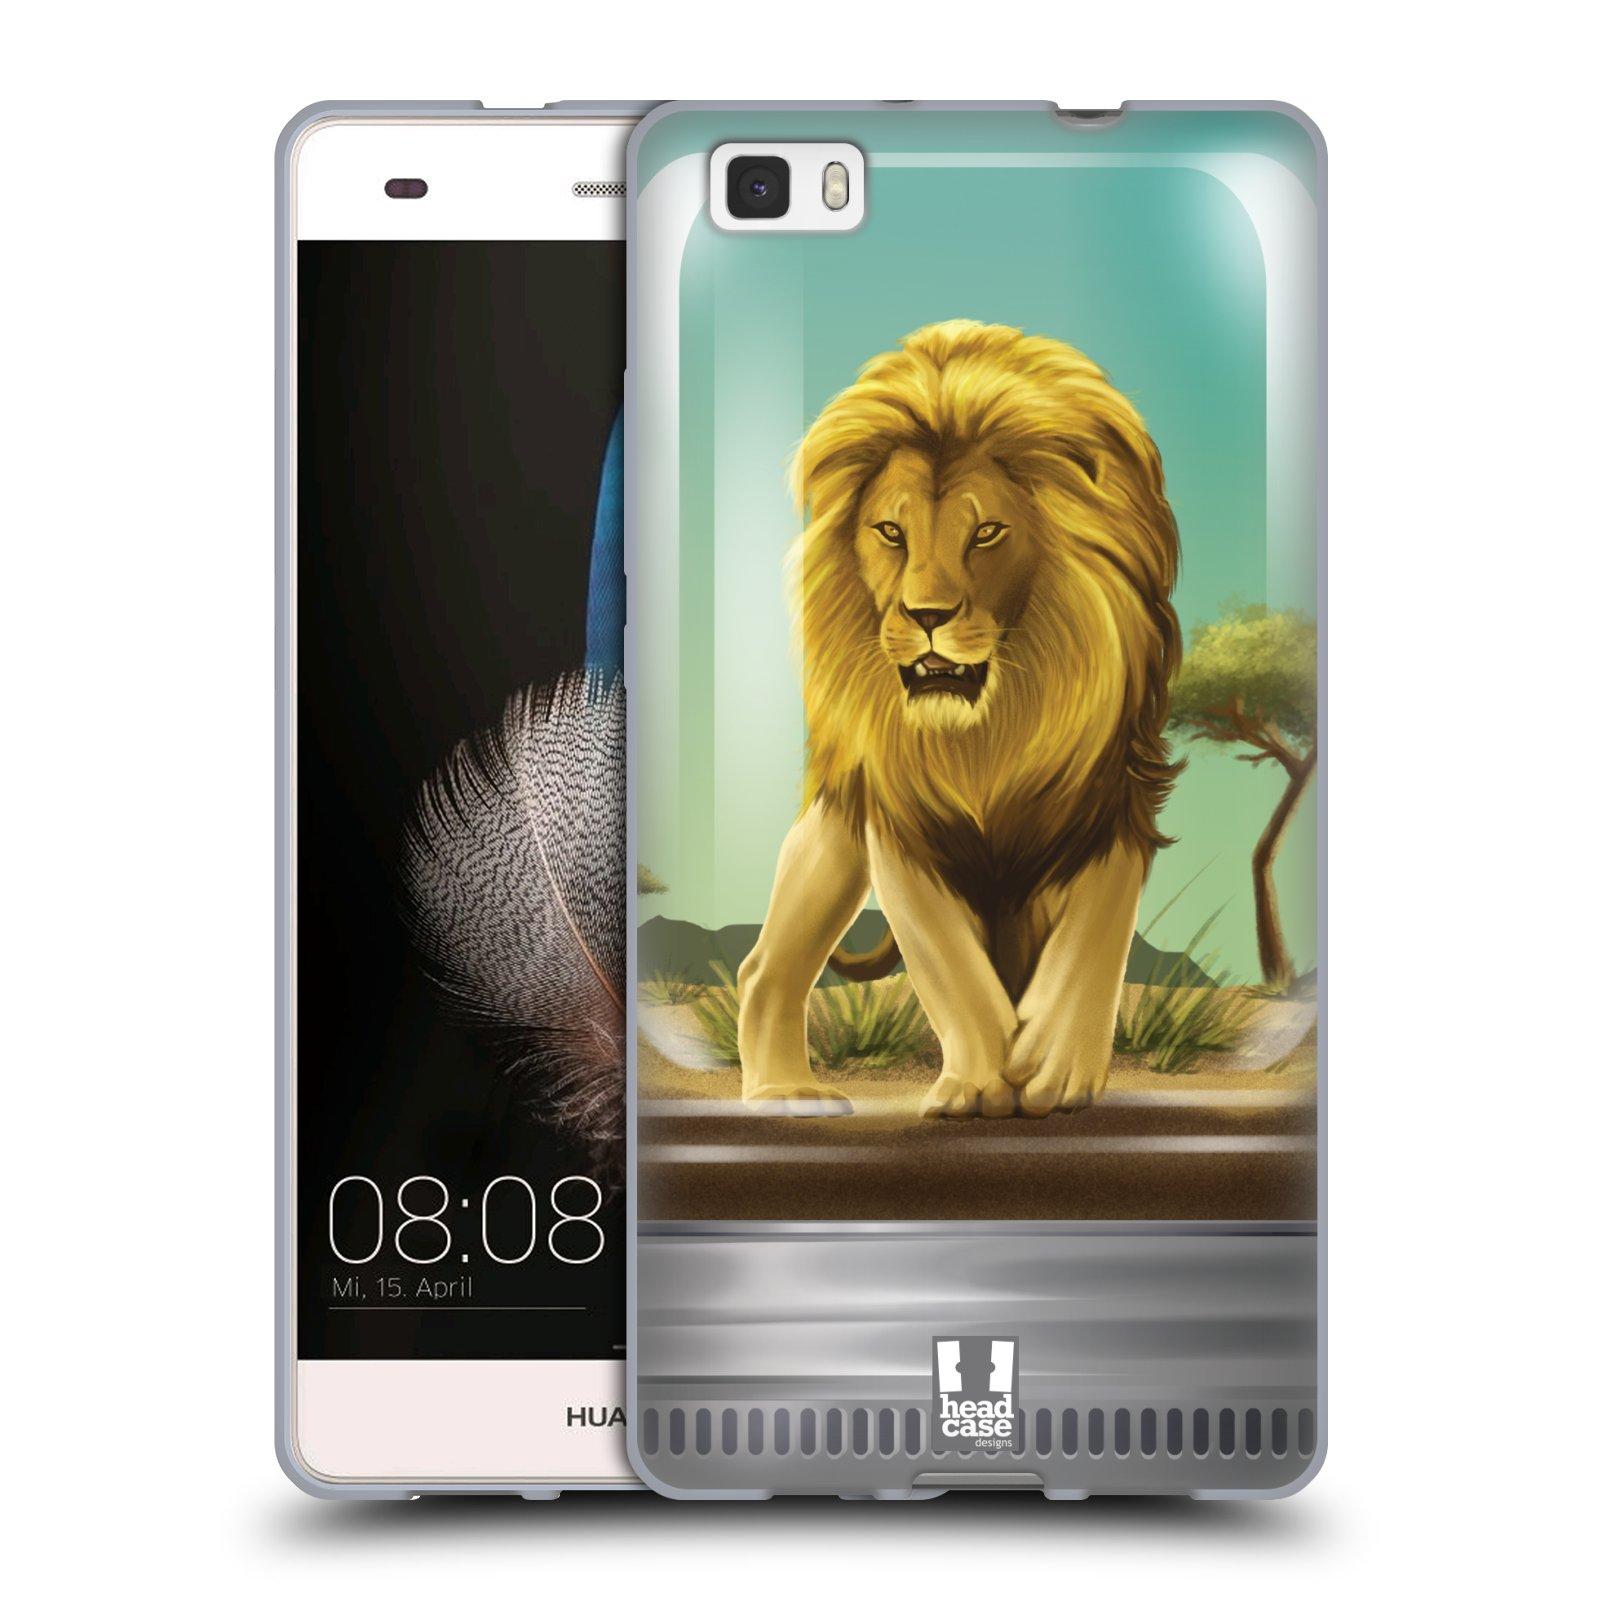 HEAD CASE silikonový obal na mobil HUAWEI P8 LITE vzor Zvířátka v těžítku lev